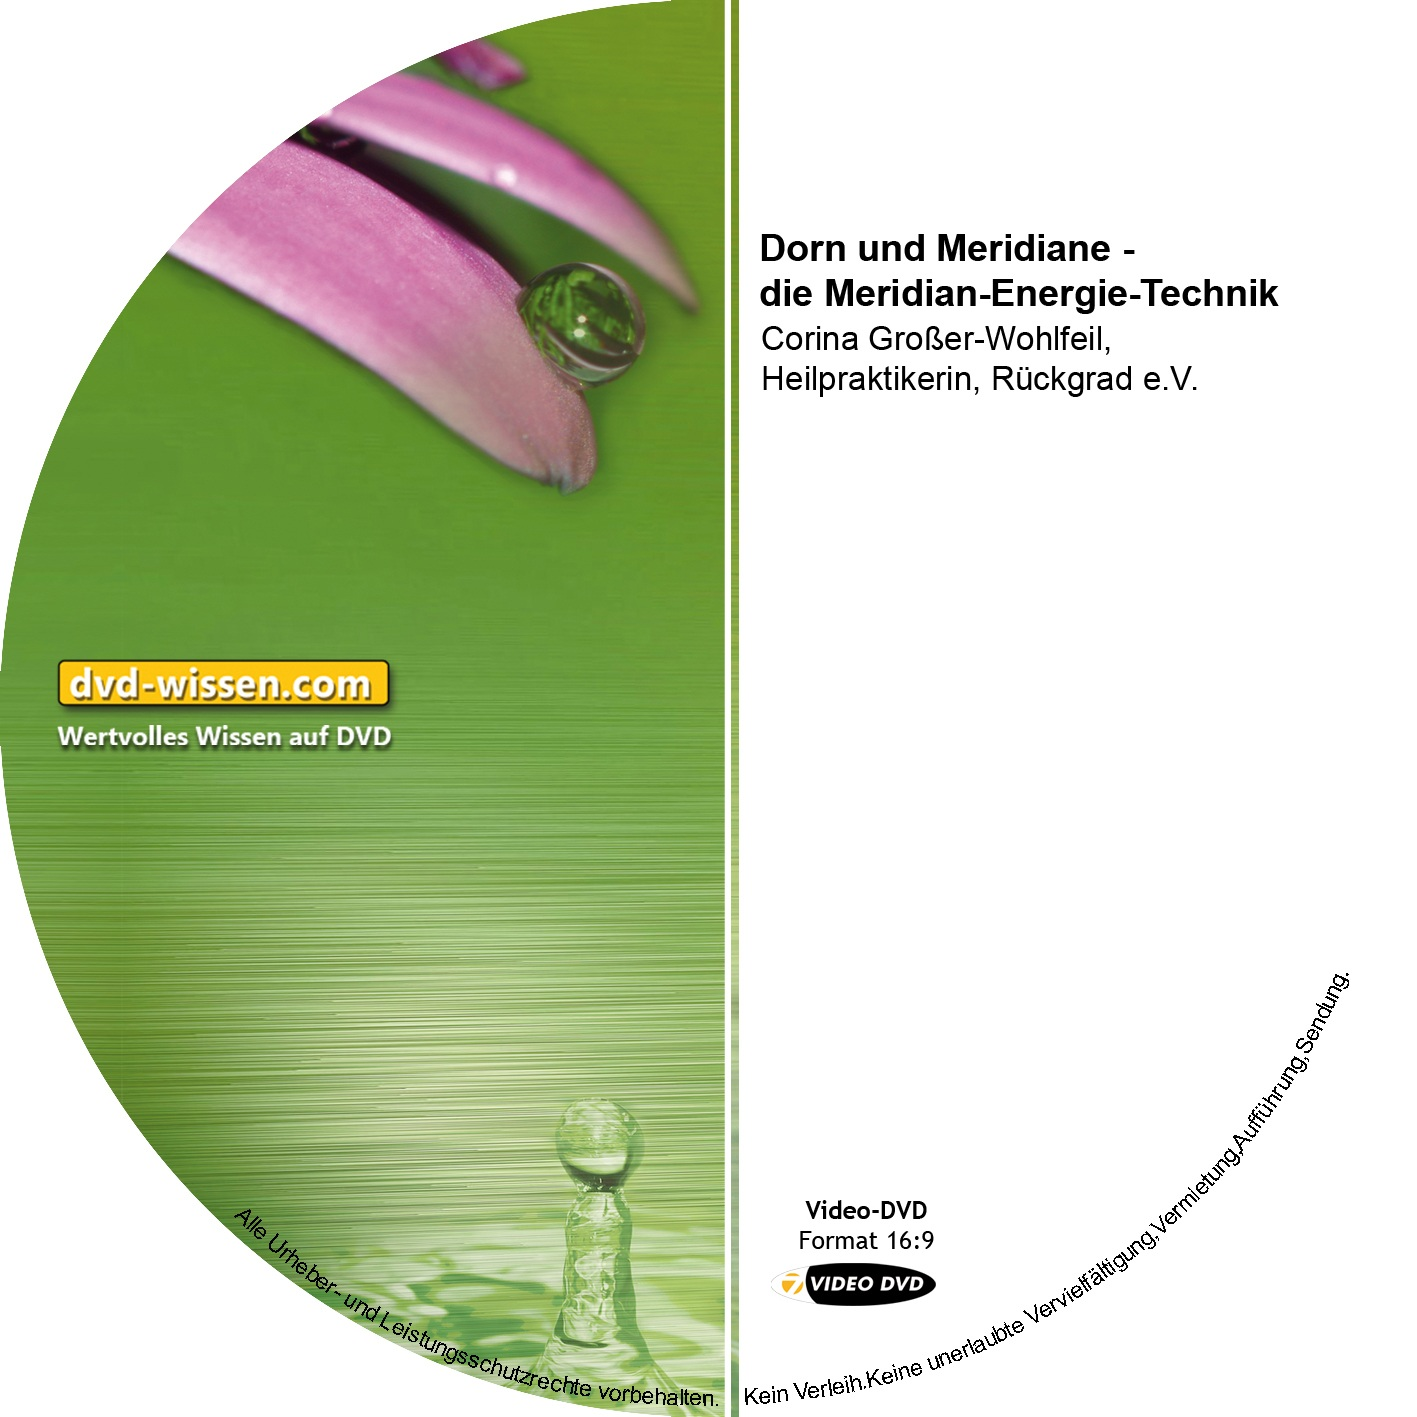 Corina Großer-Wohlfeil: Dorn und Meridiane - die Meridian-Energie-Technik